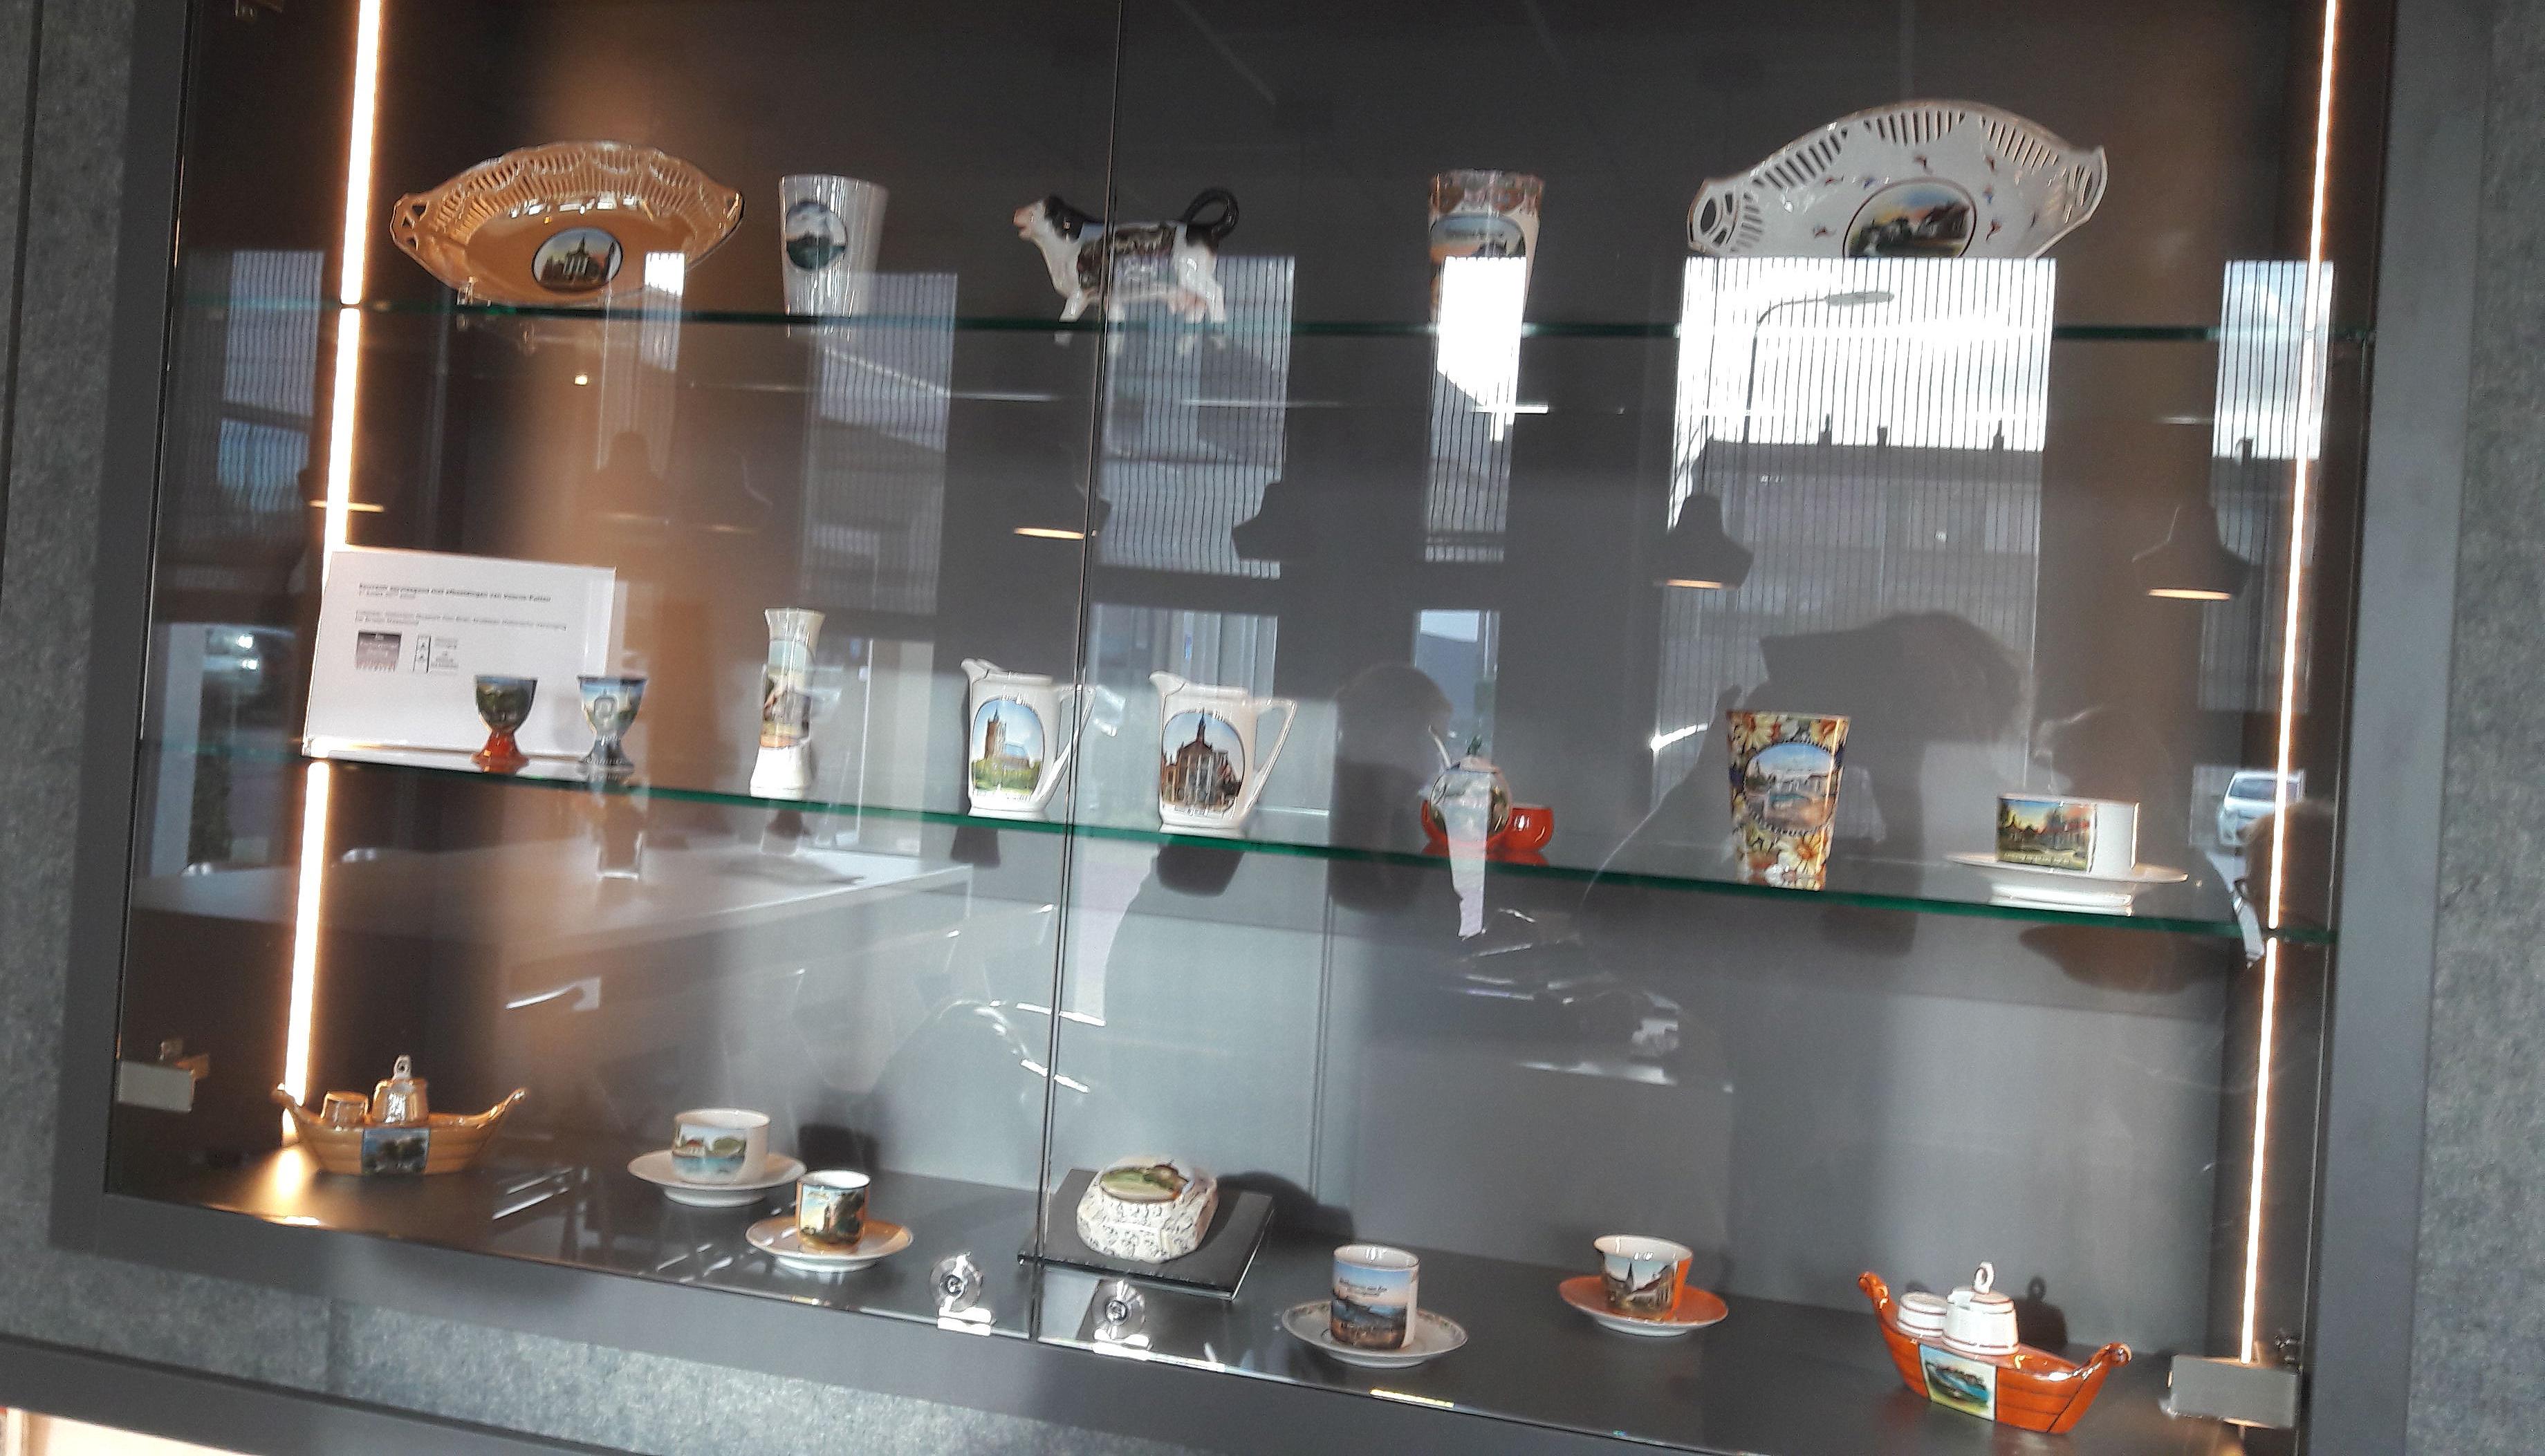 cultuurhuis brielle 1.JPG